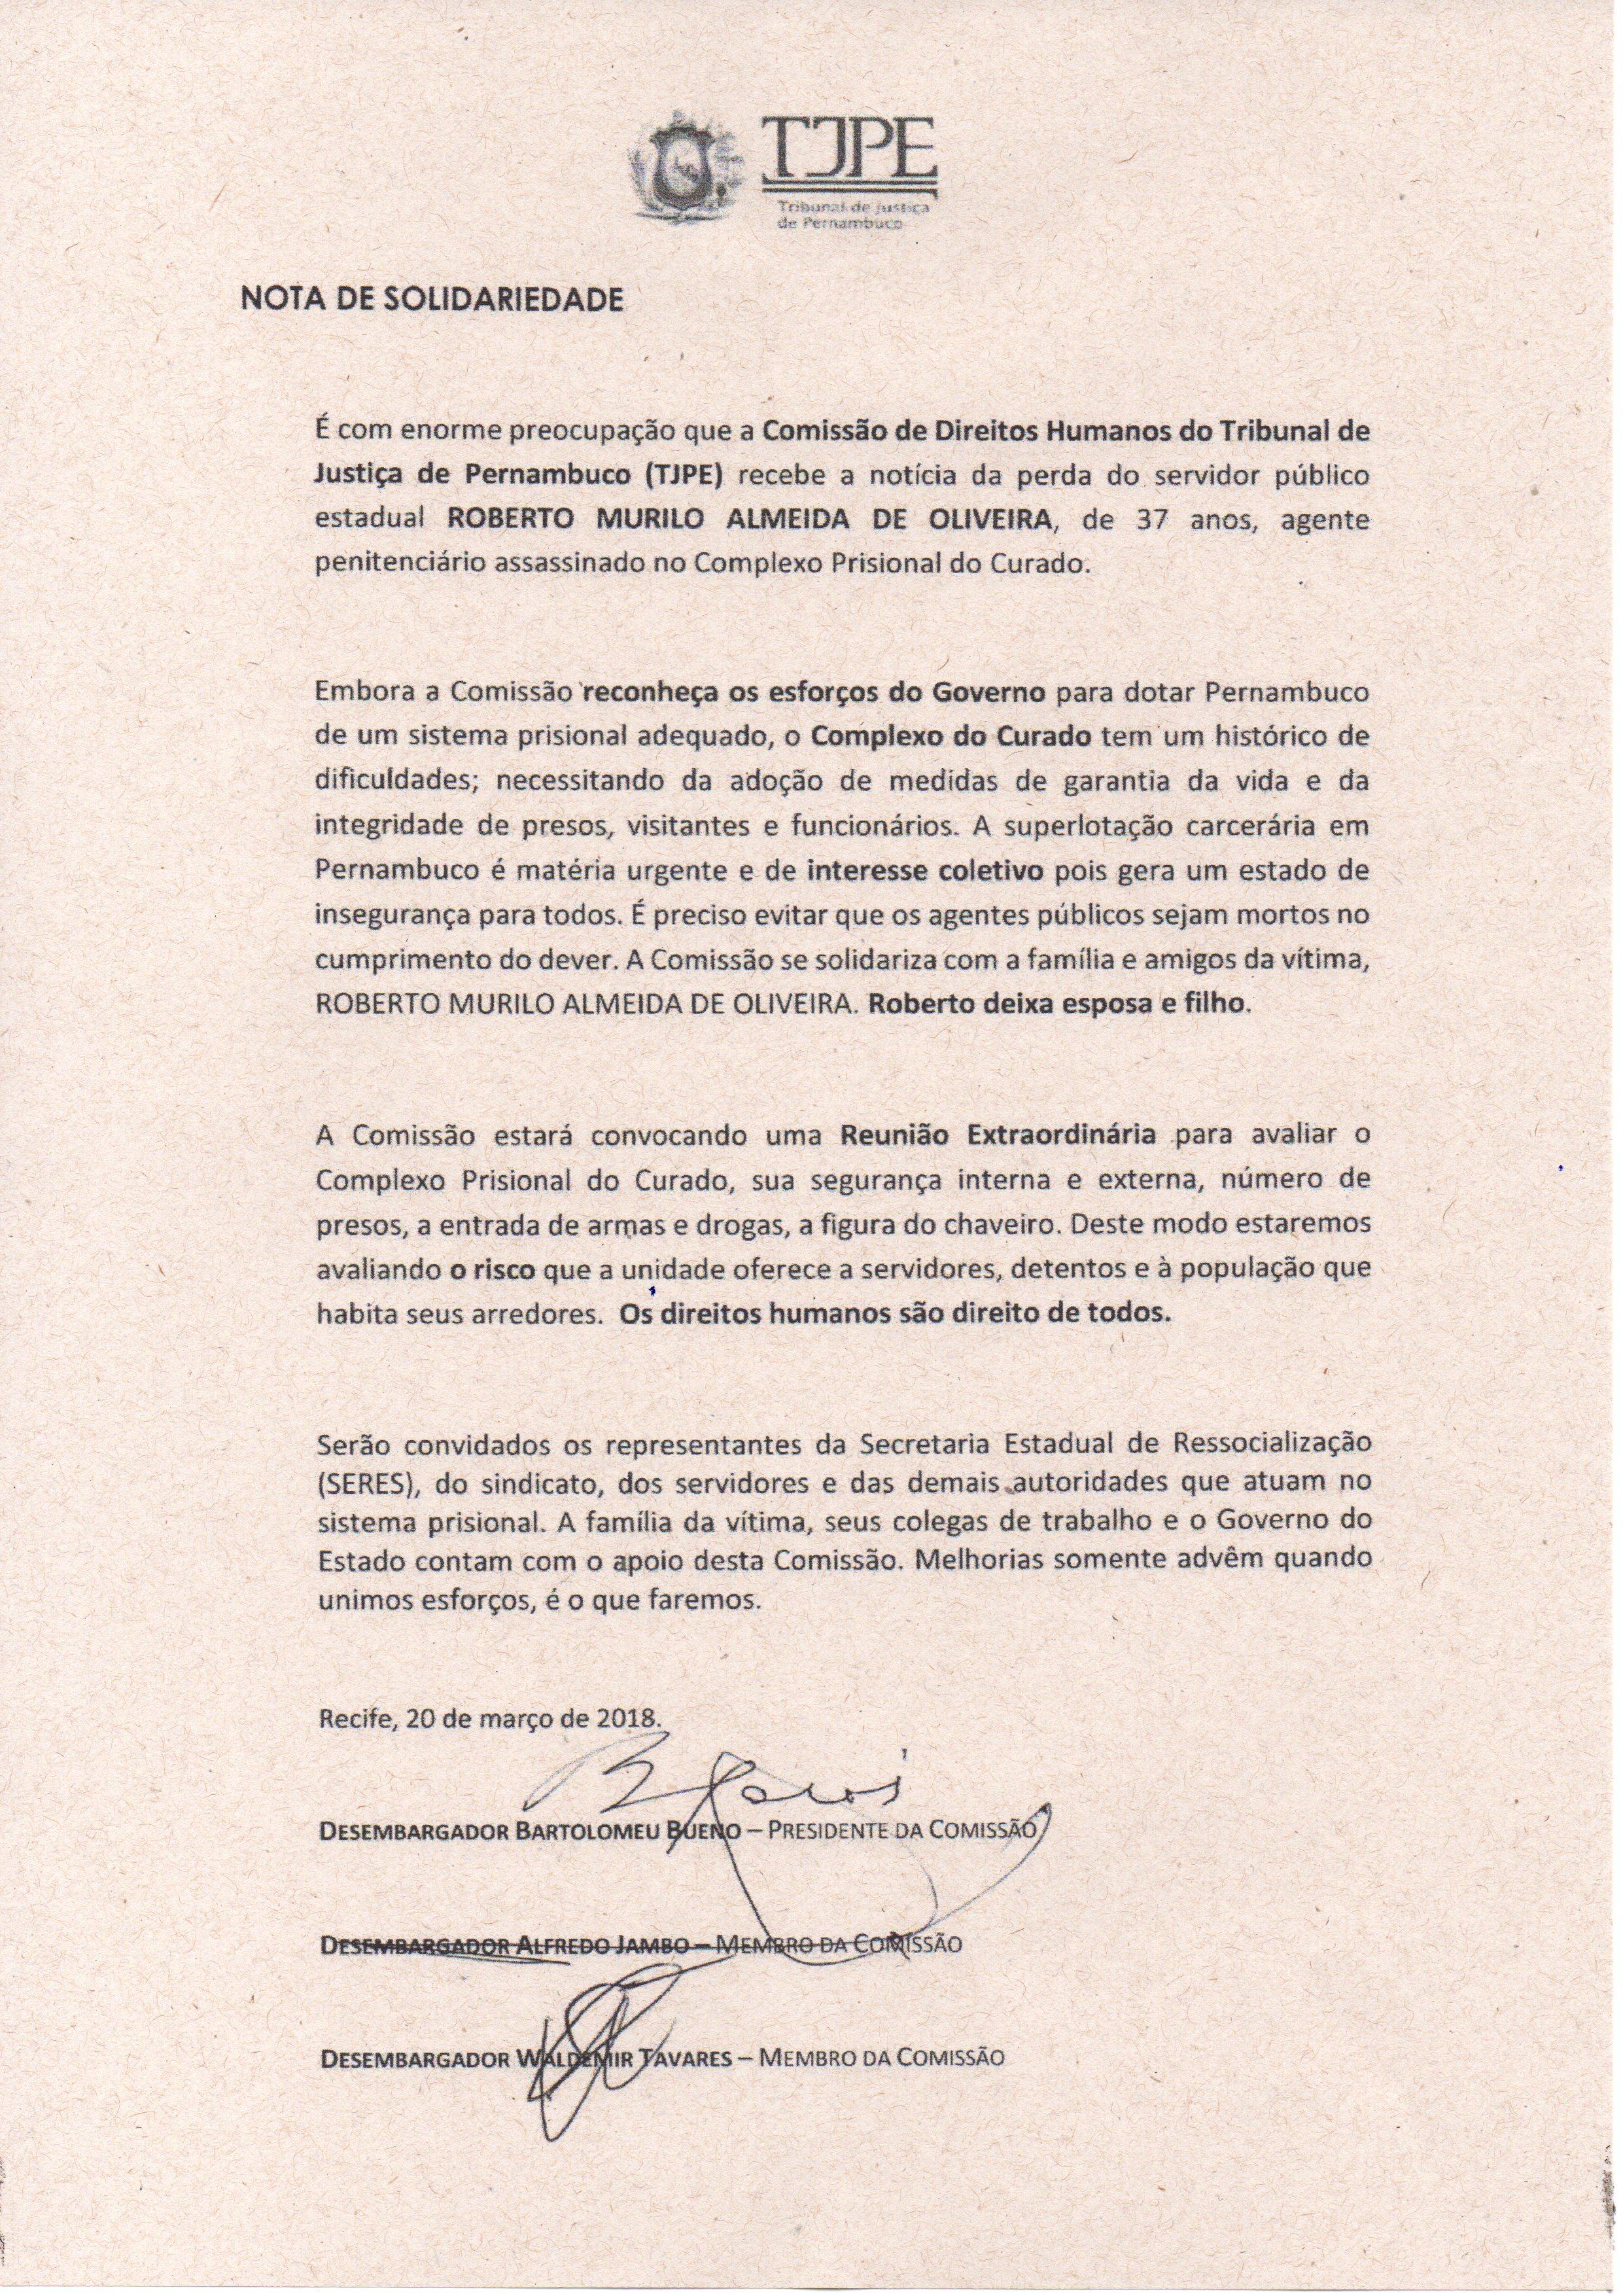 Photo of NOTA DE SOLIDARIEDADE DA COMISSÃO DE DIREITOS HUMANOS DO TRIBUNAL DE JUSTIÇA DE PERNAMBUCO (TJPE)